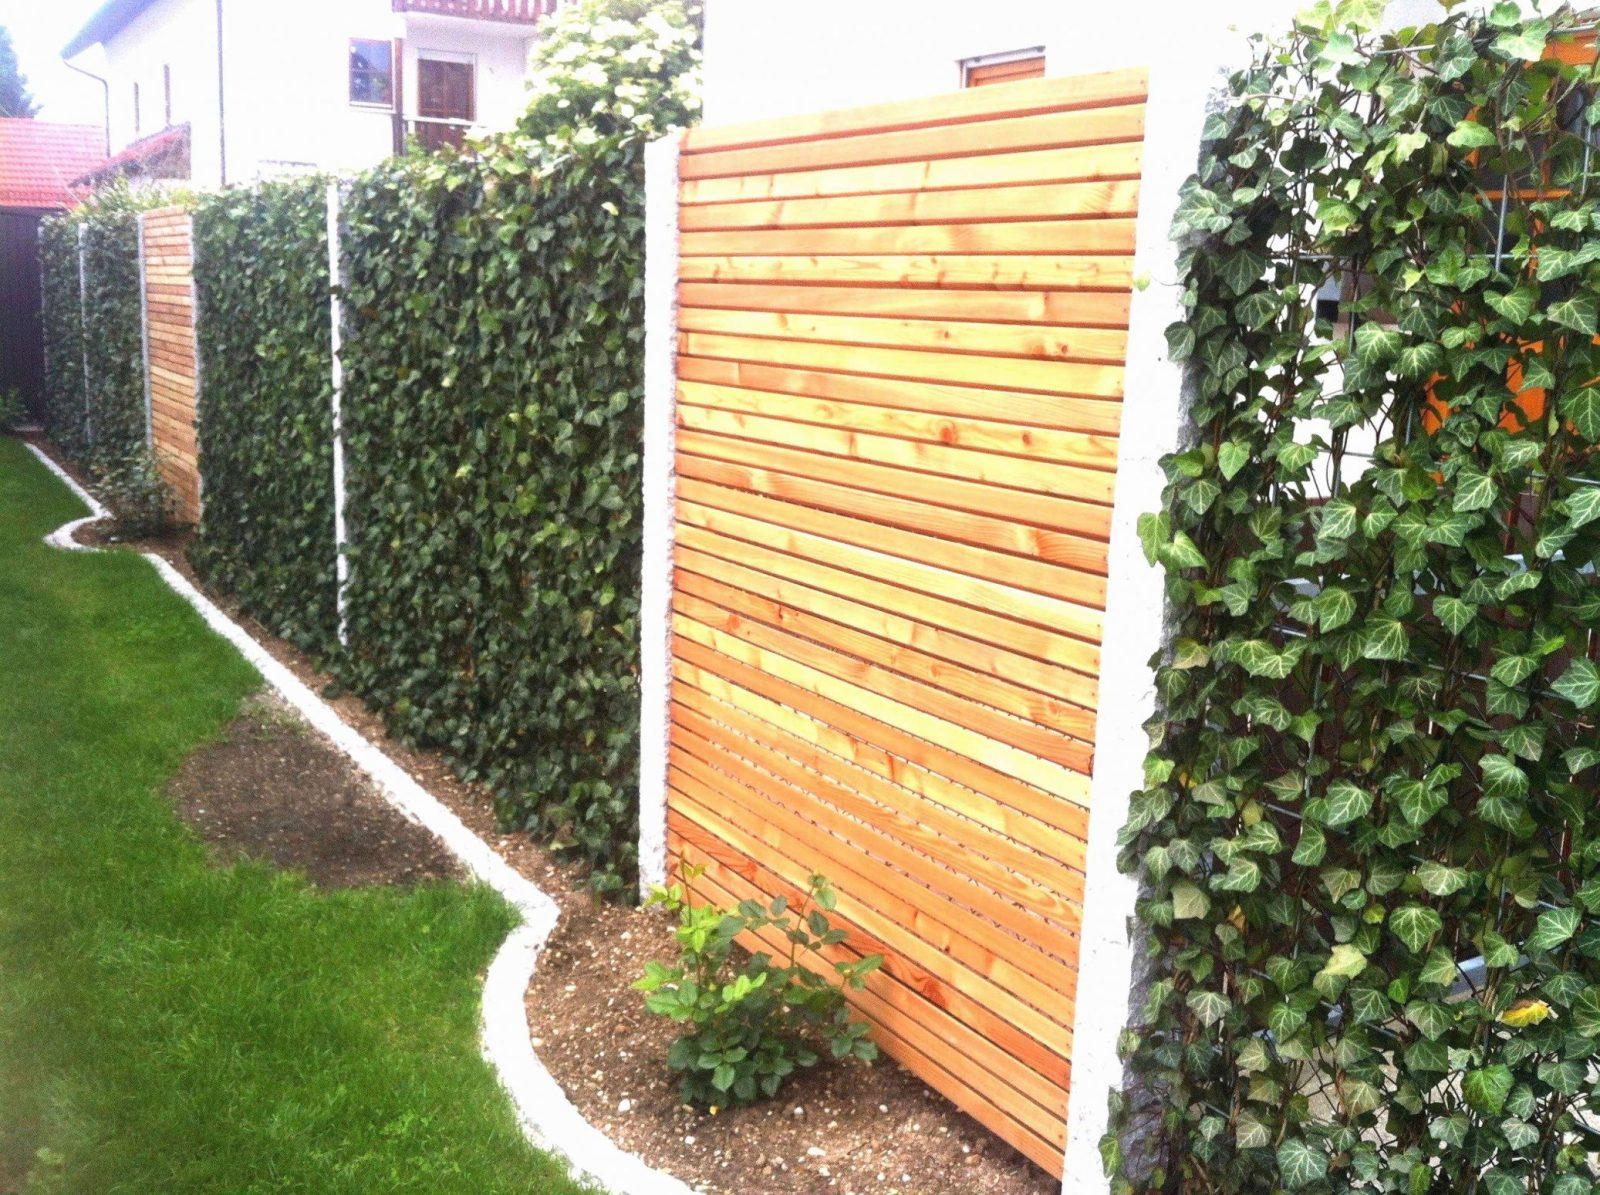 Sichtschutz Für Den Garten Inspirierend Moderner Sichtschutz Für Den von Moderner Sichtschutz Für Den Garten Bild